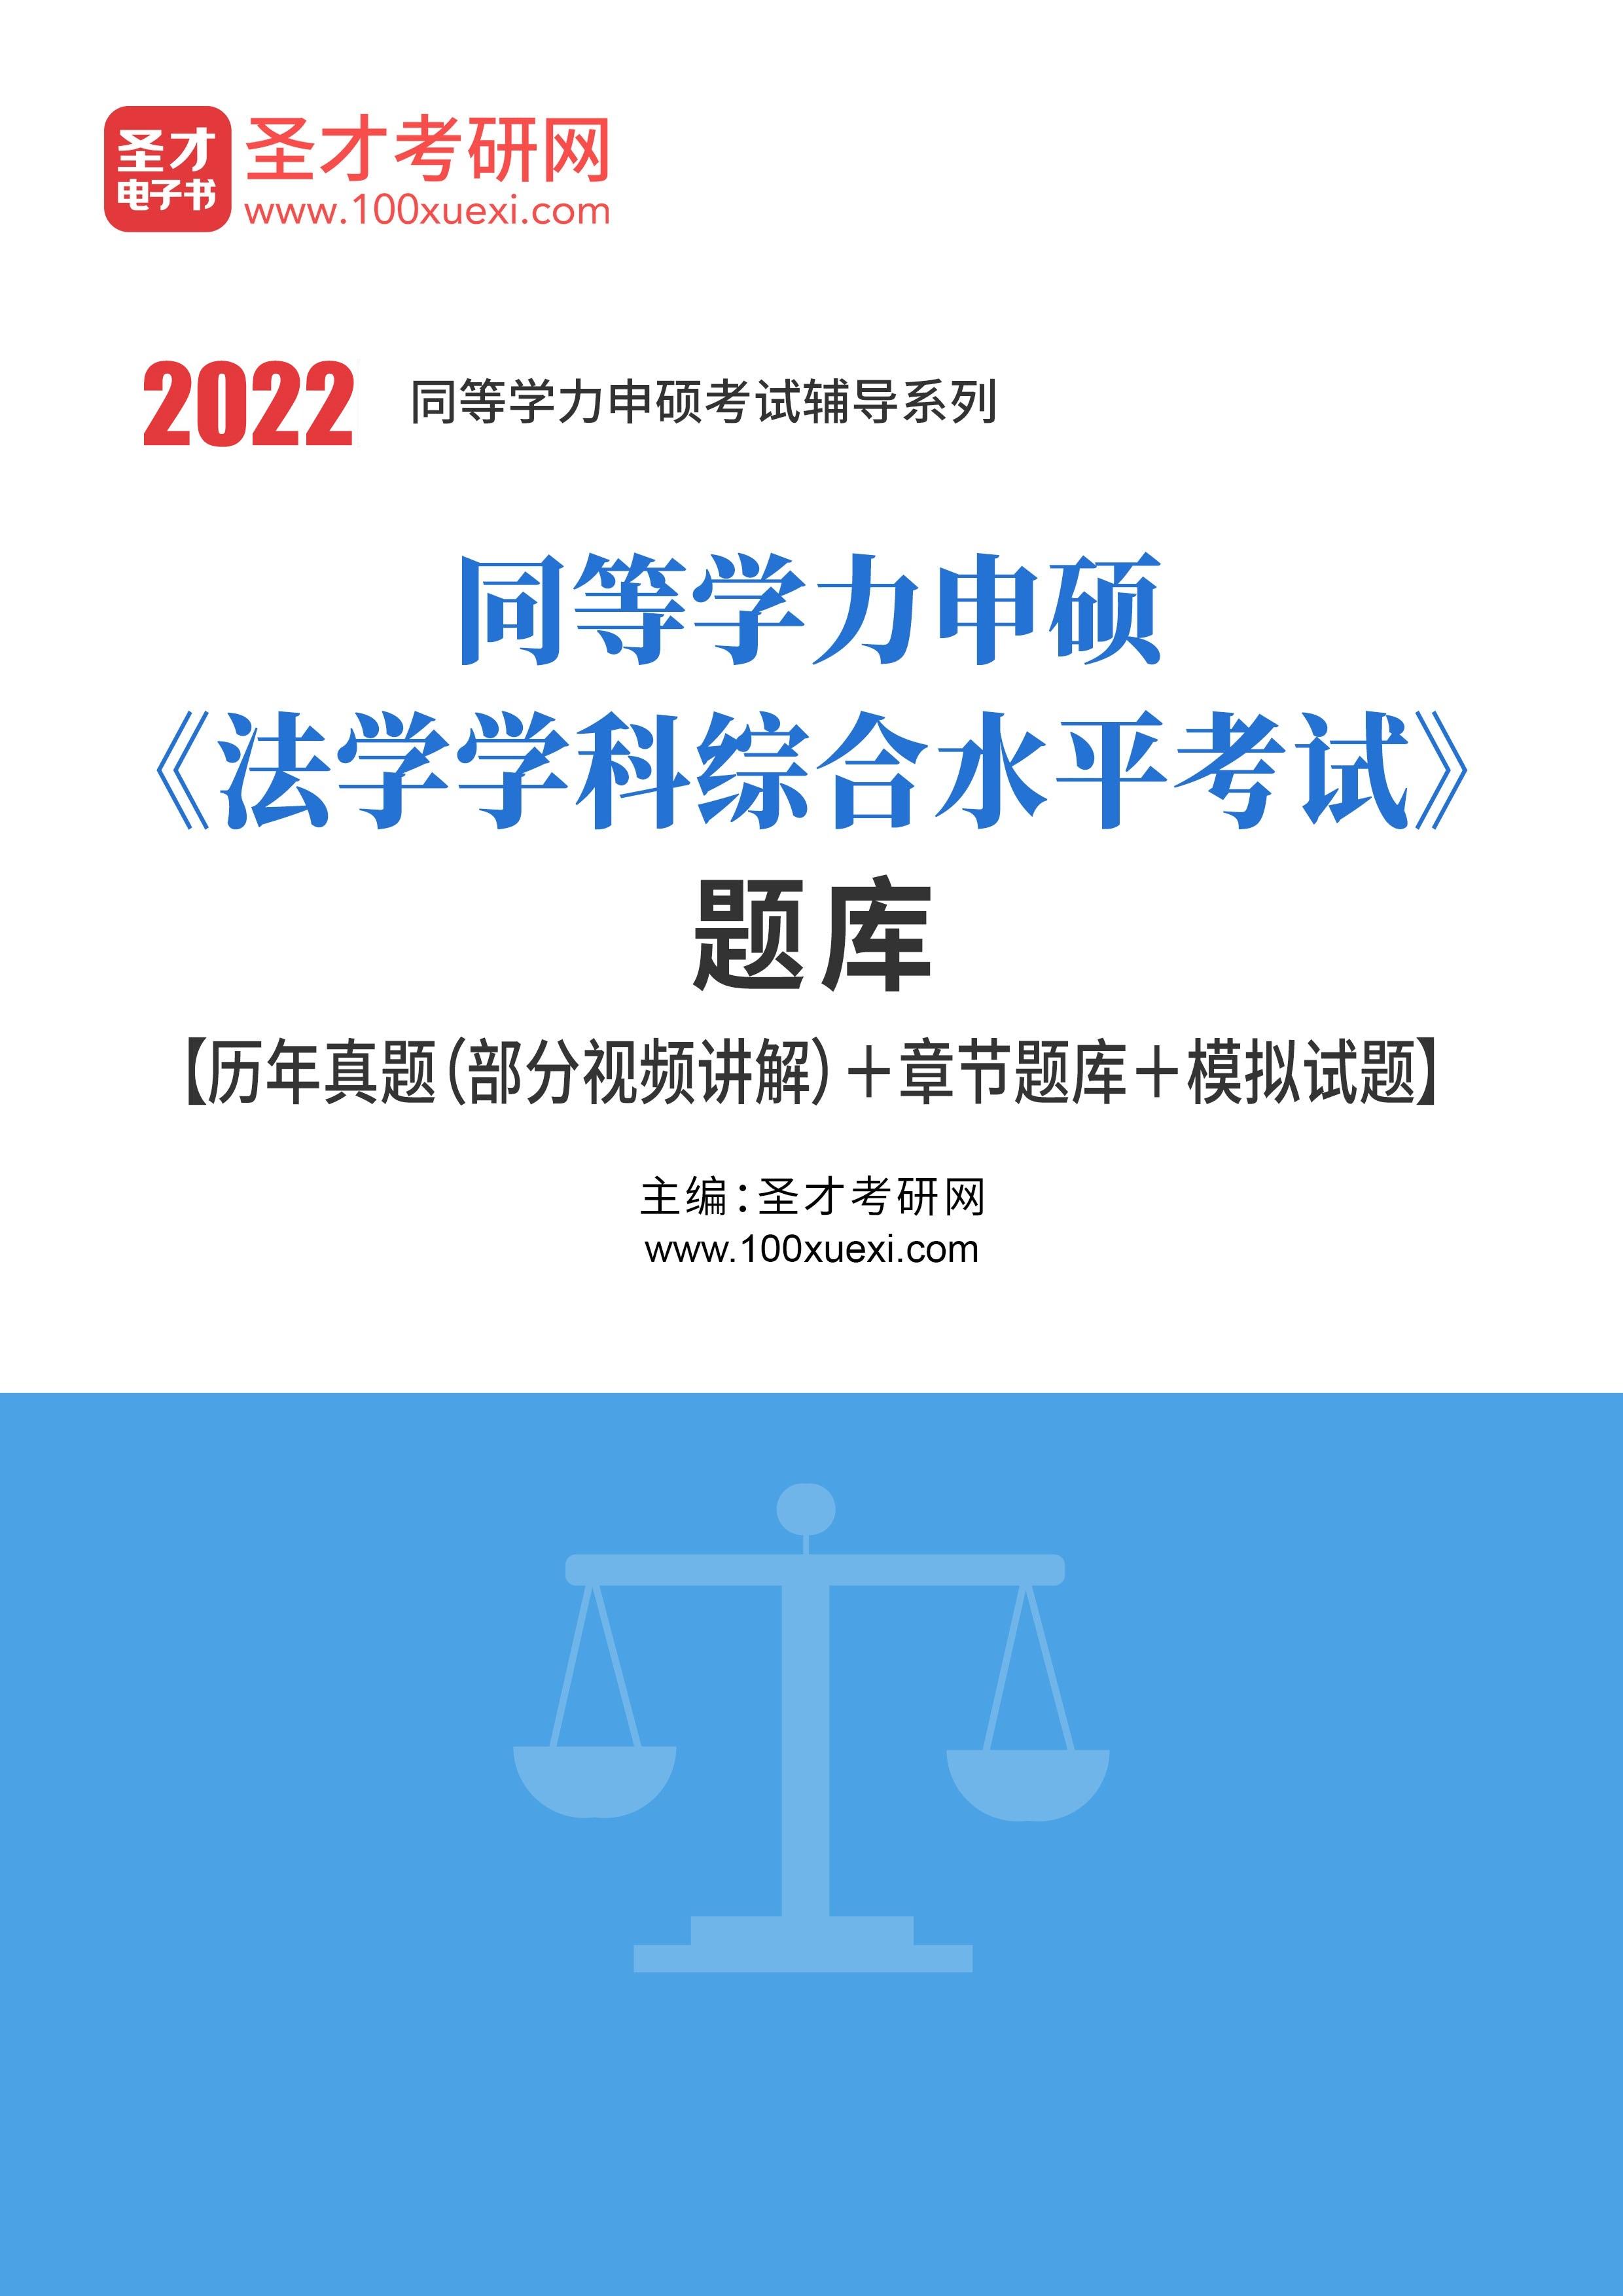 2021年同等学力申硕《法学学科综合水平考试》题库【历年真题(部分视频讲解)+章节题库+模拟试题】